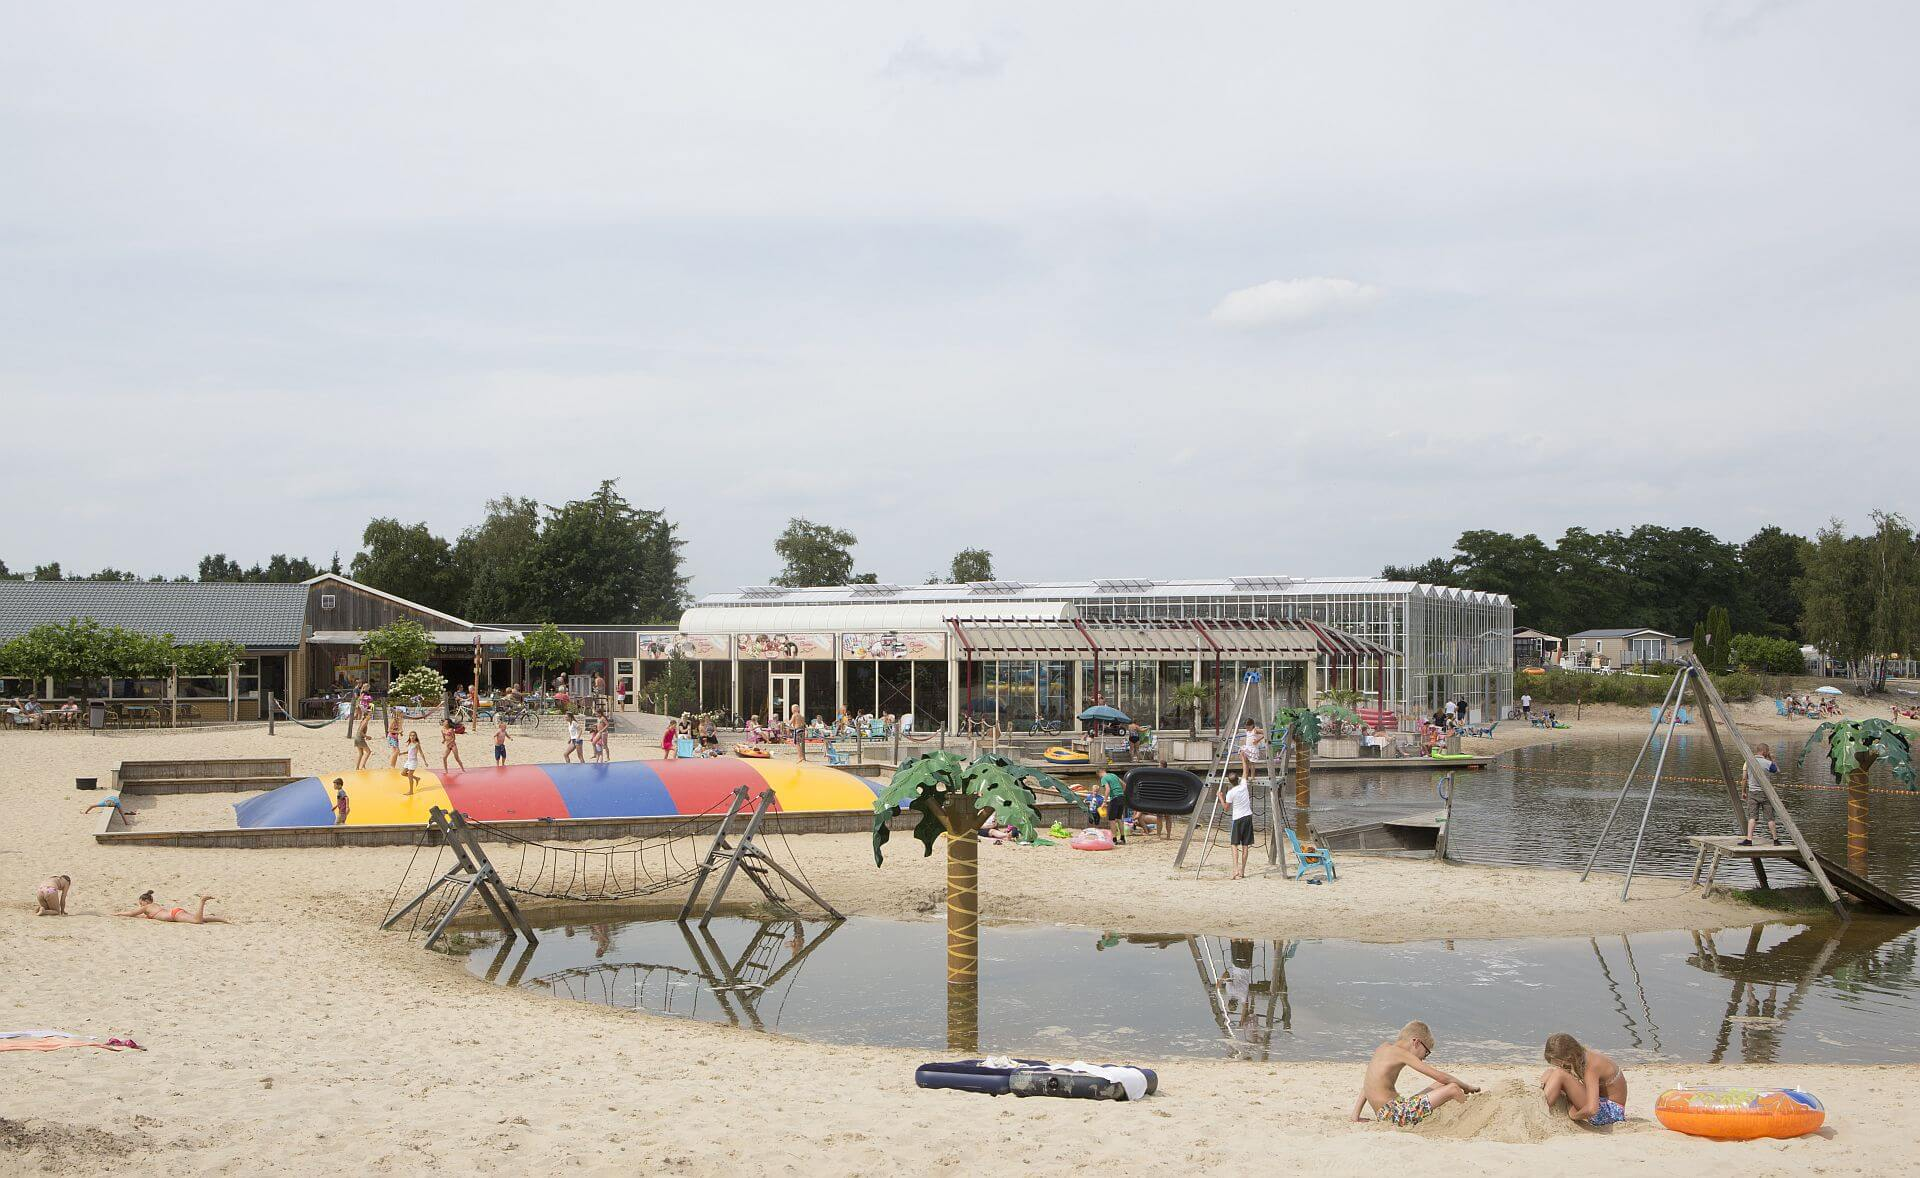 Vakantie in overijssel bij vakantiepark het stoetenslagh vakantiepark het stoetenslagh - Zwembad met strand ...